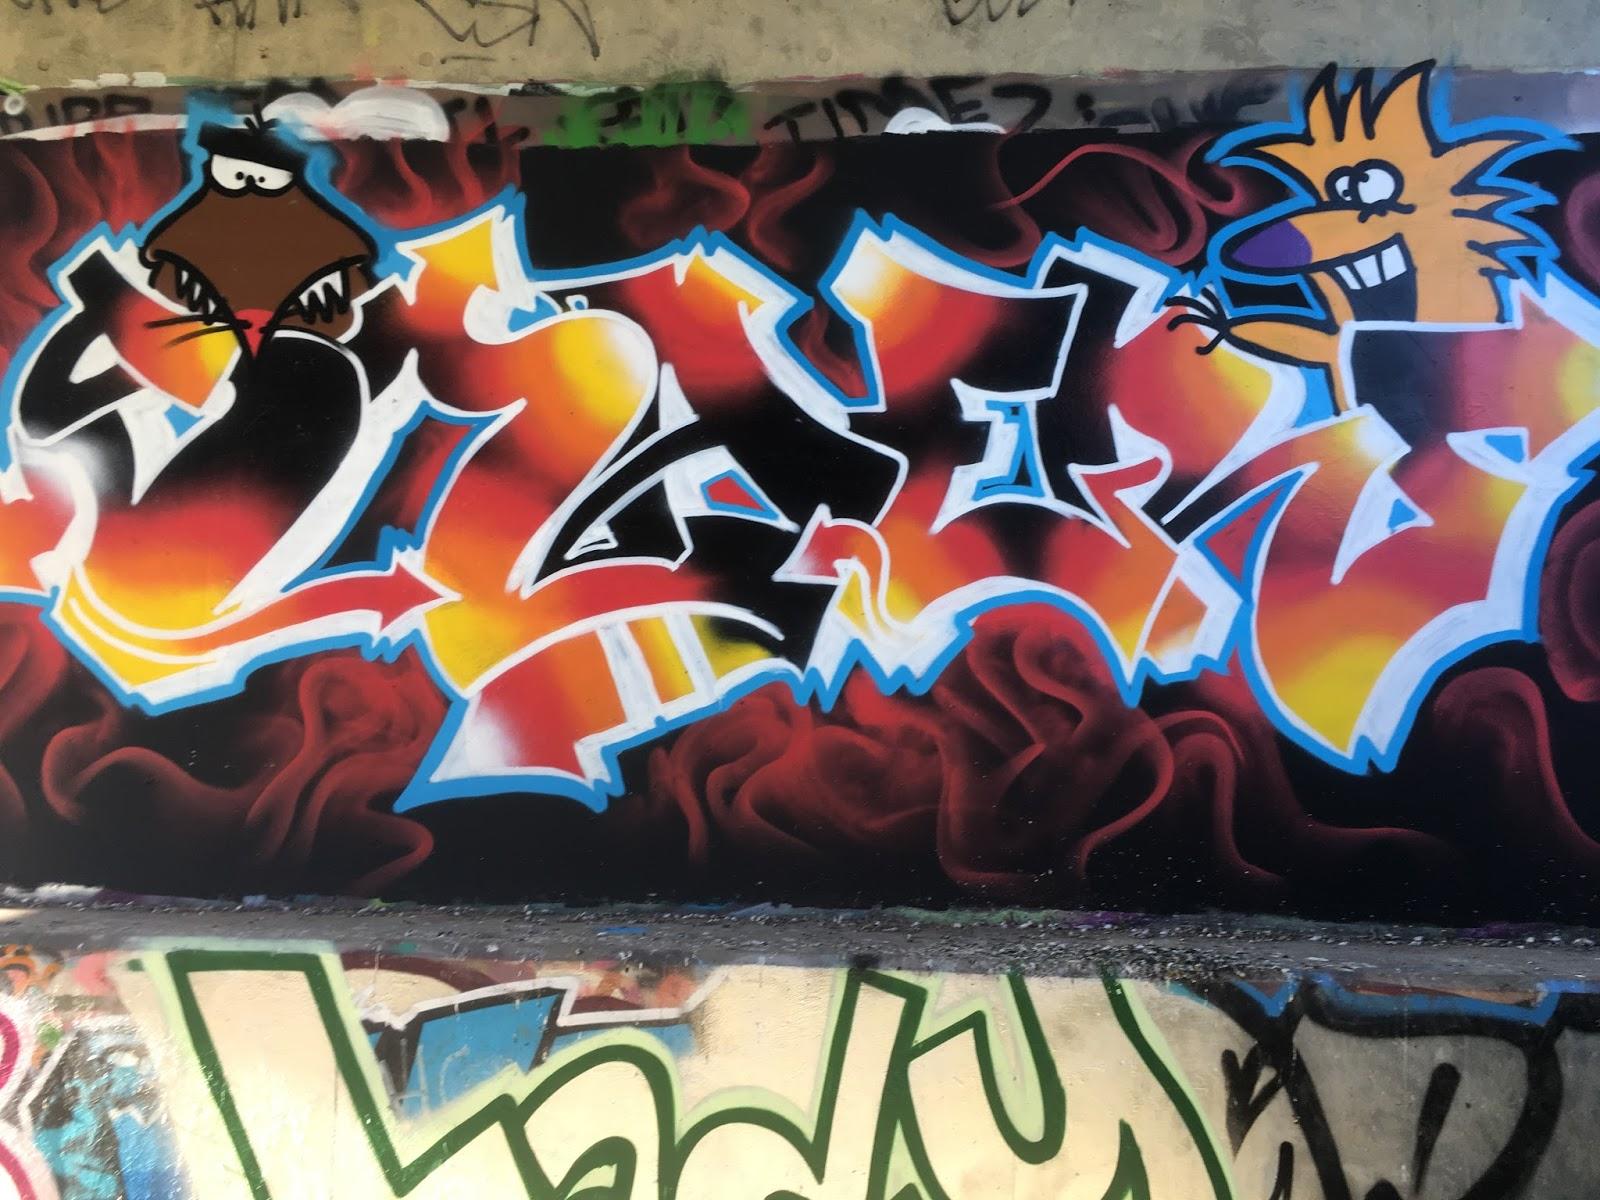 Comparison of two graffiti artists